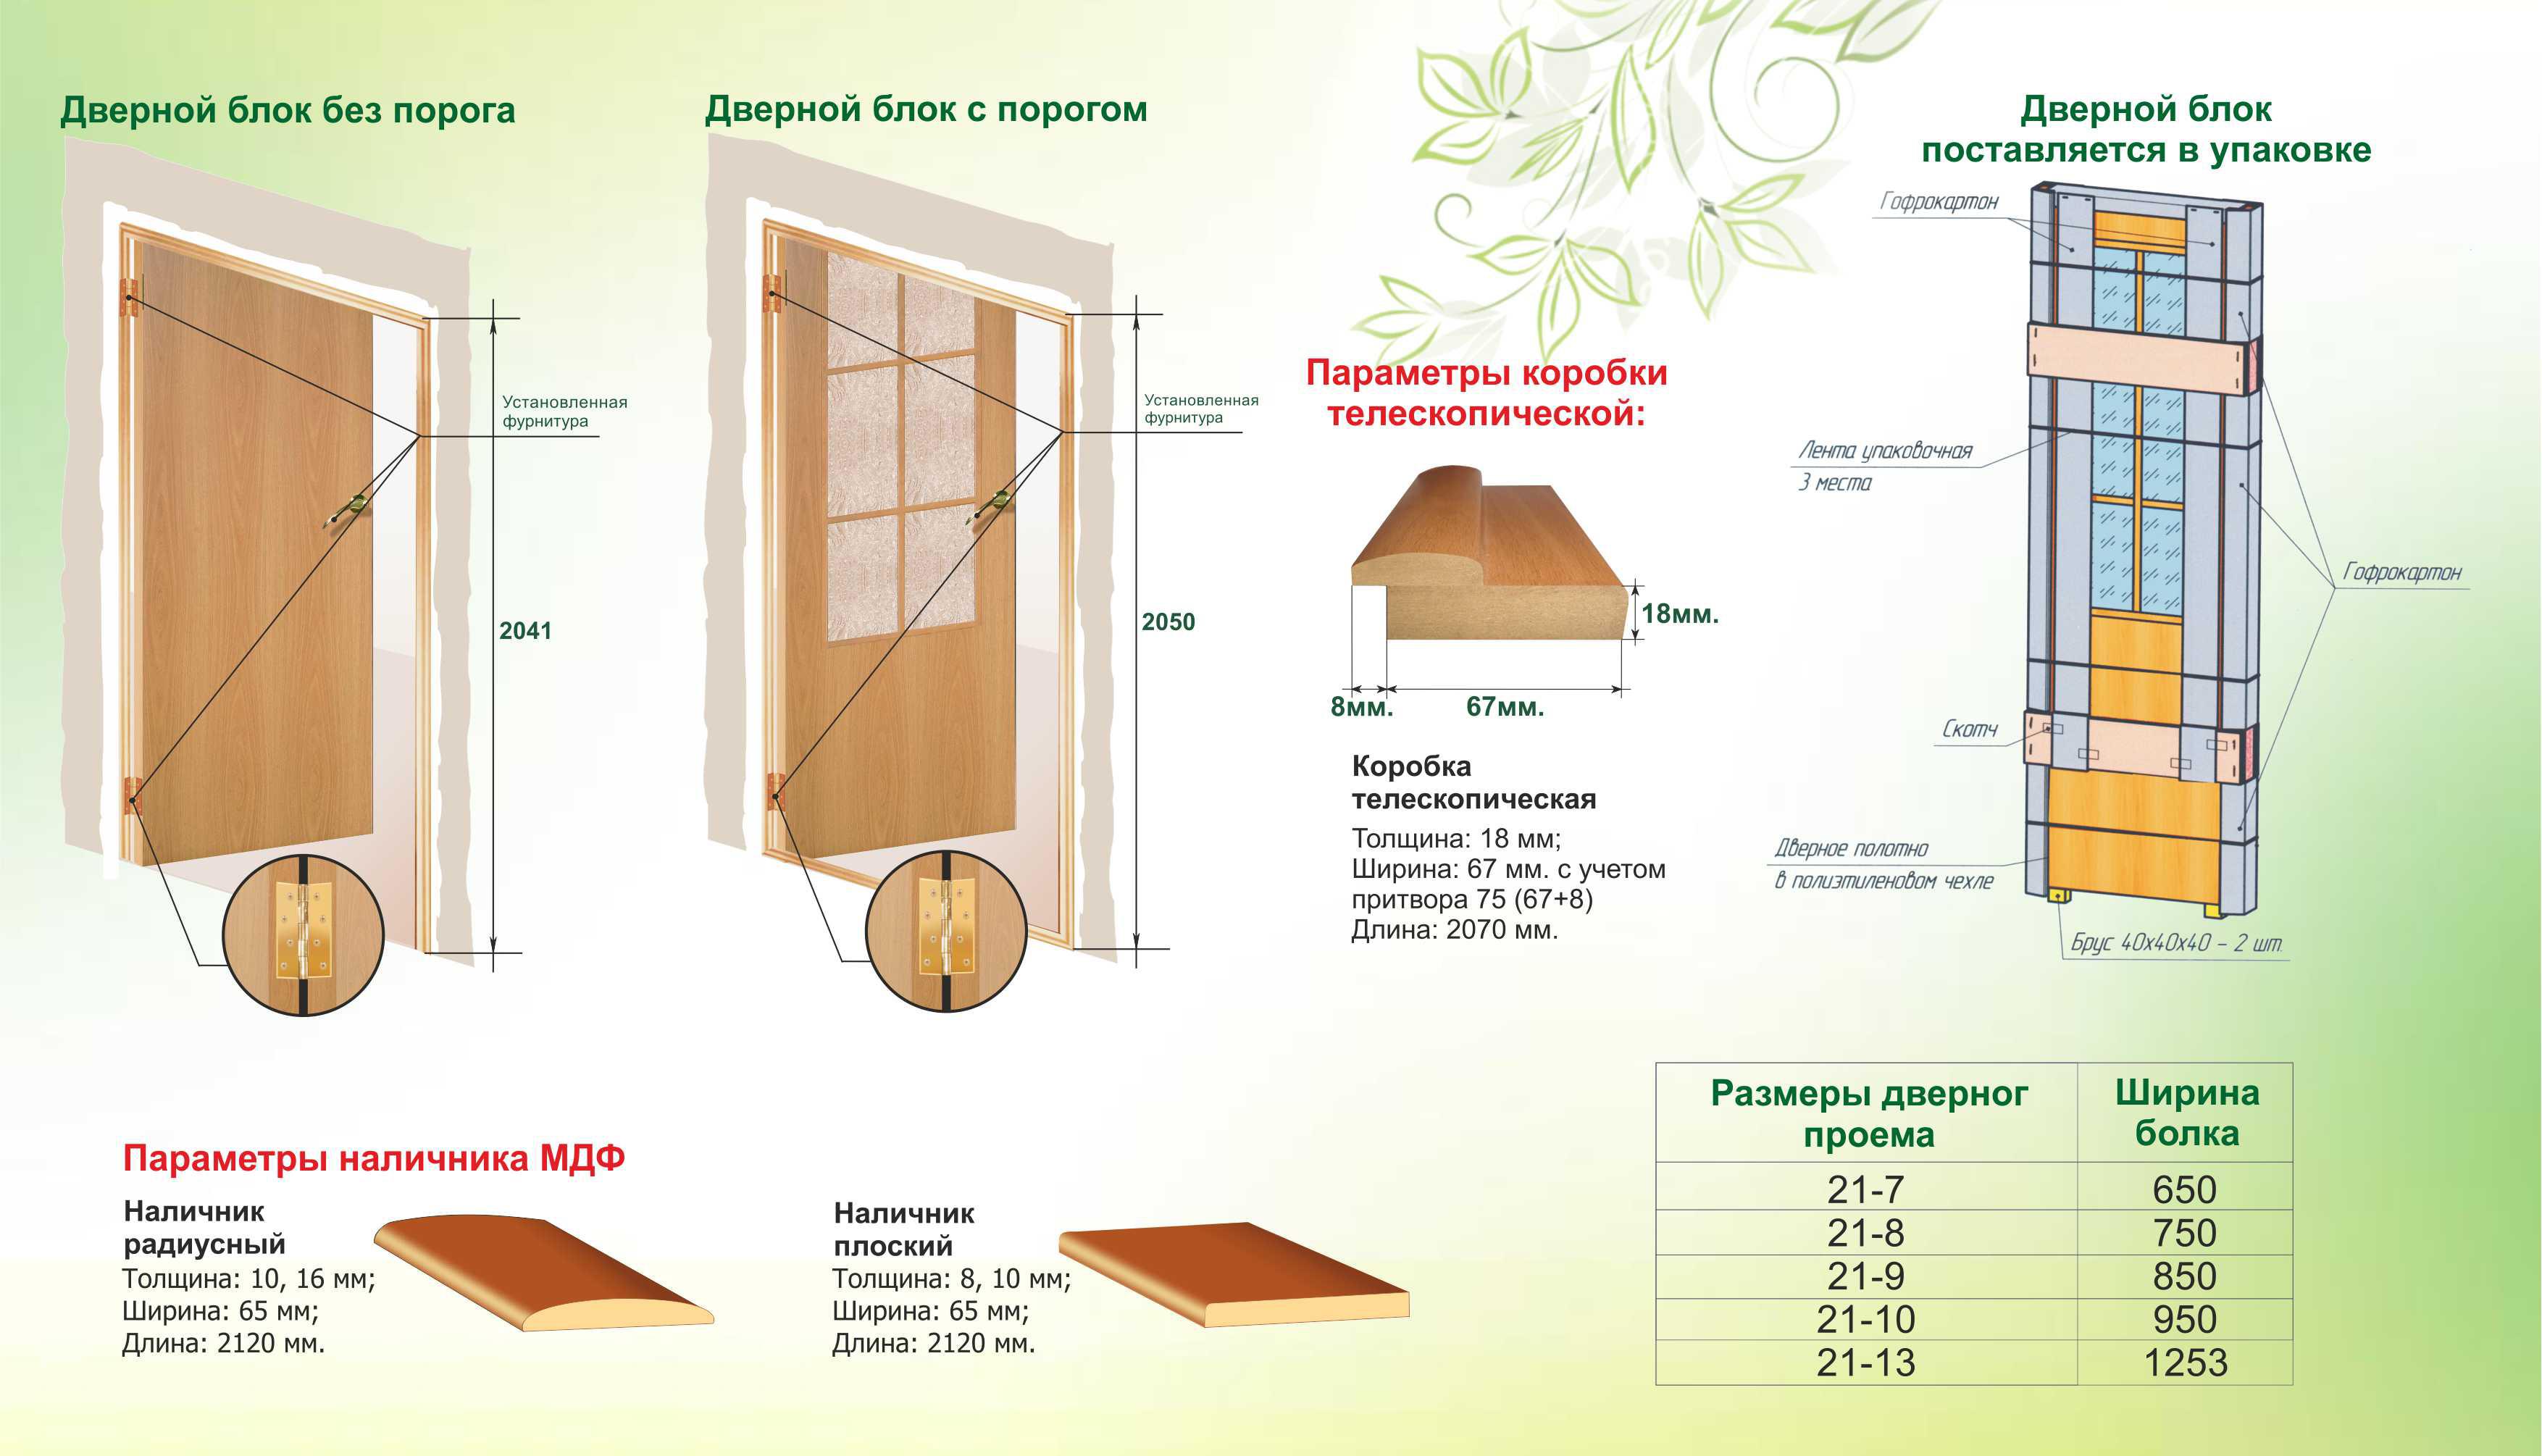 Как утеплить входную дверь: возможные варианты Двери Дома 46